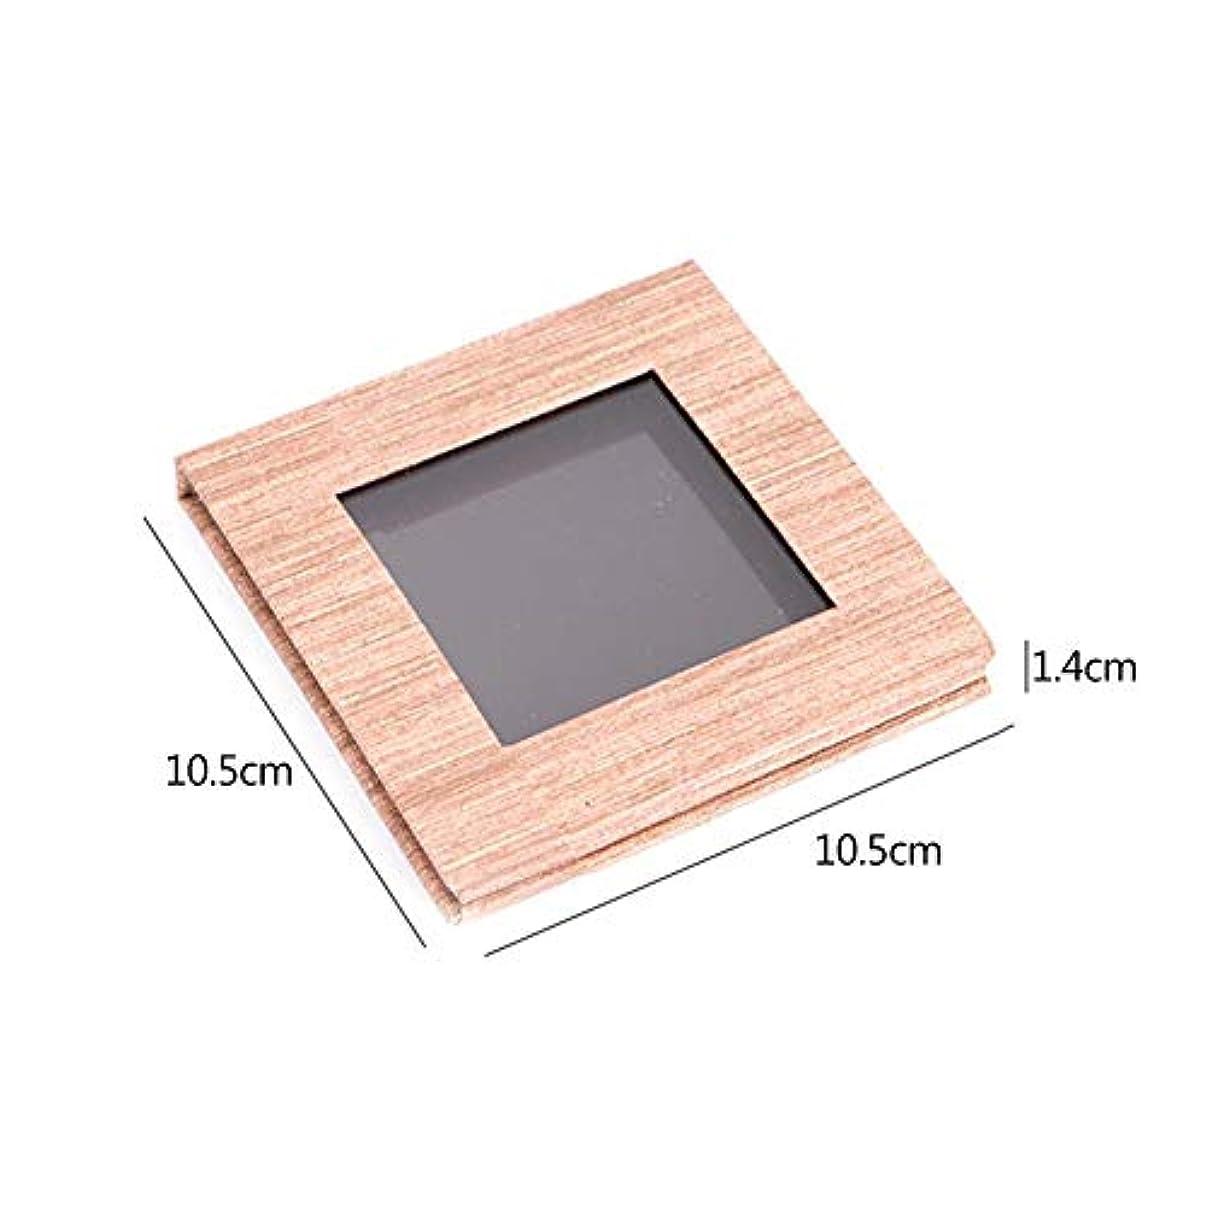 アイシャドウの口紅のための木の穀物の磁気パレットDIYの取り替え可能な構造パレット